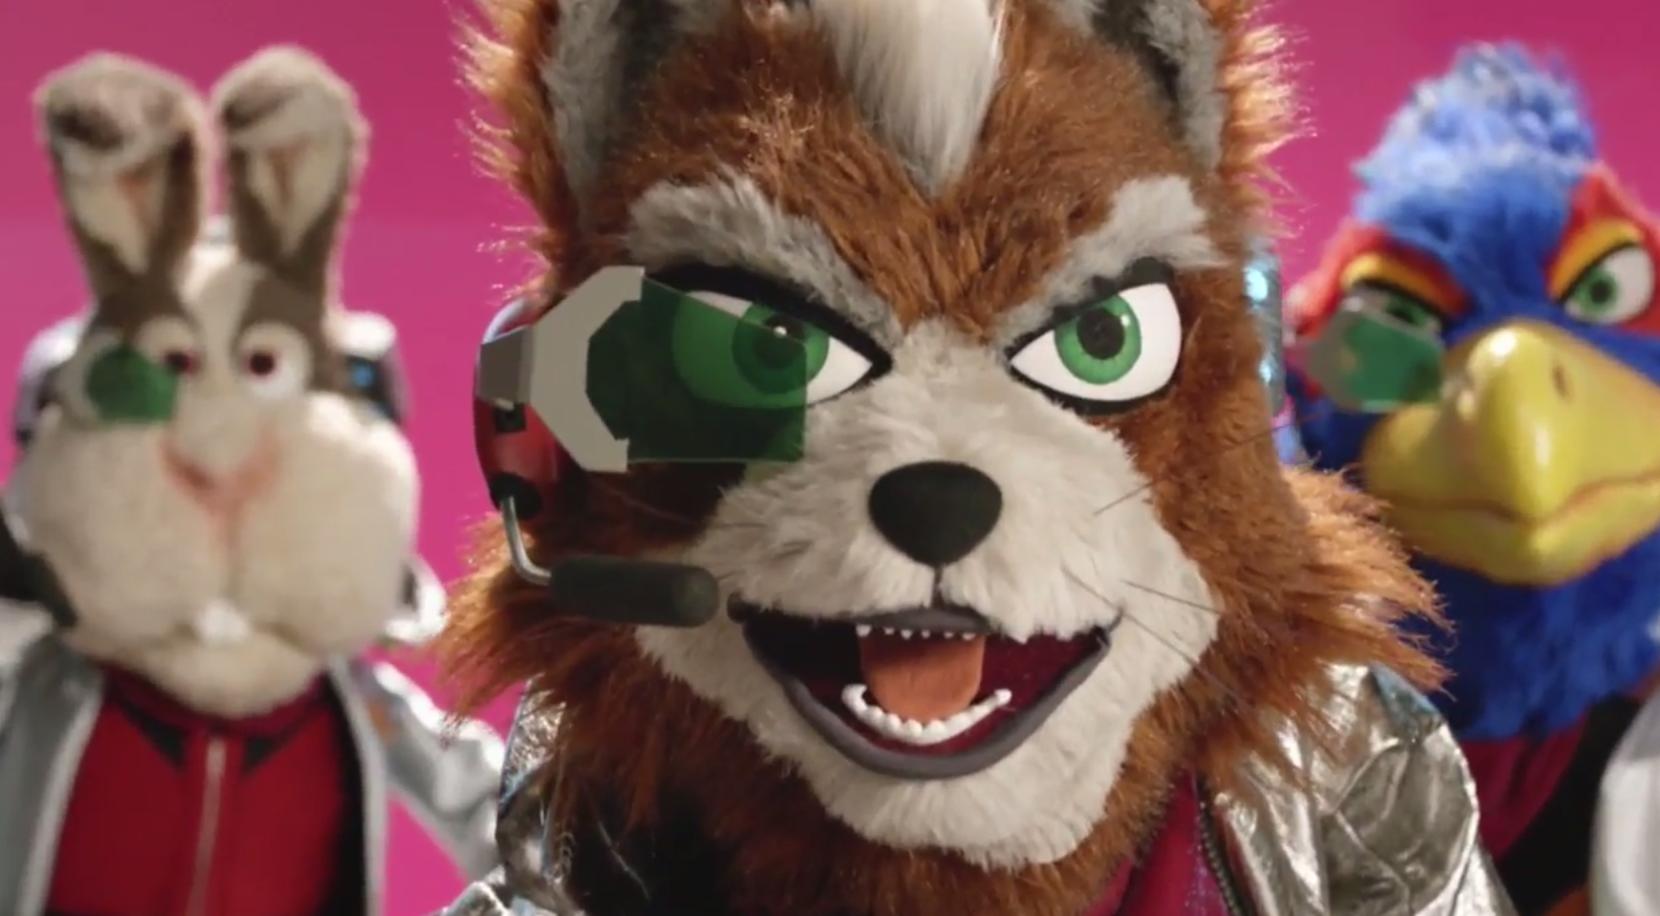 La idea de Nintendo de usar marionetas en el E3 2015 se remonta a la juventud de Miyamoto